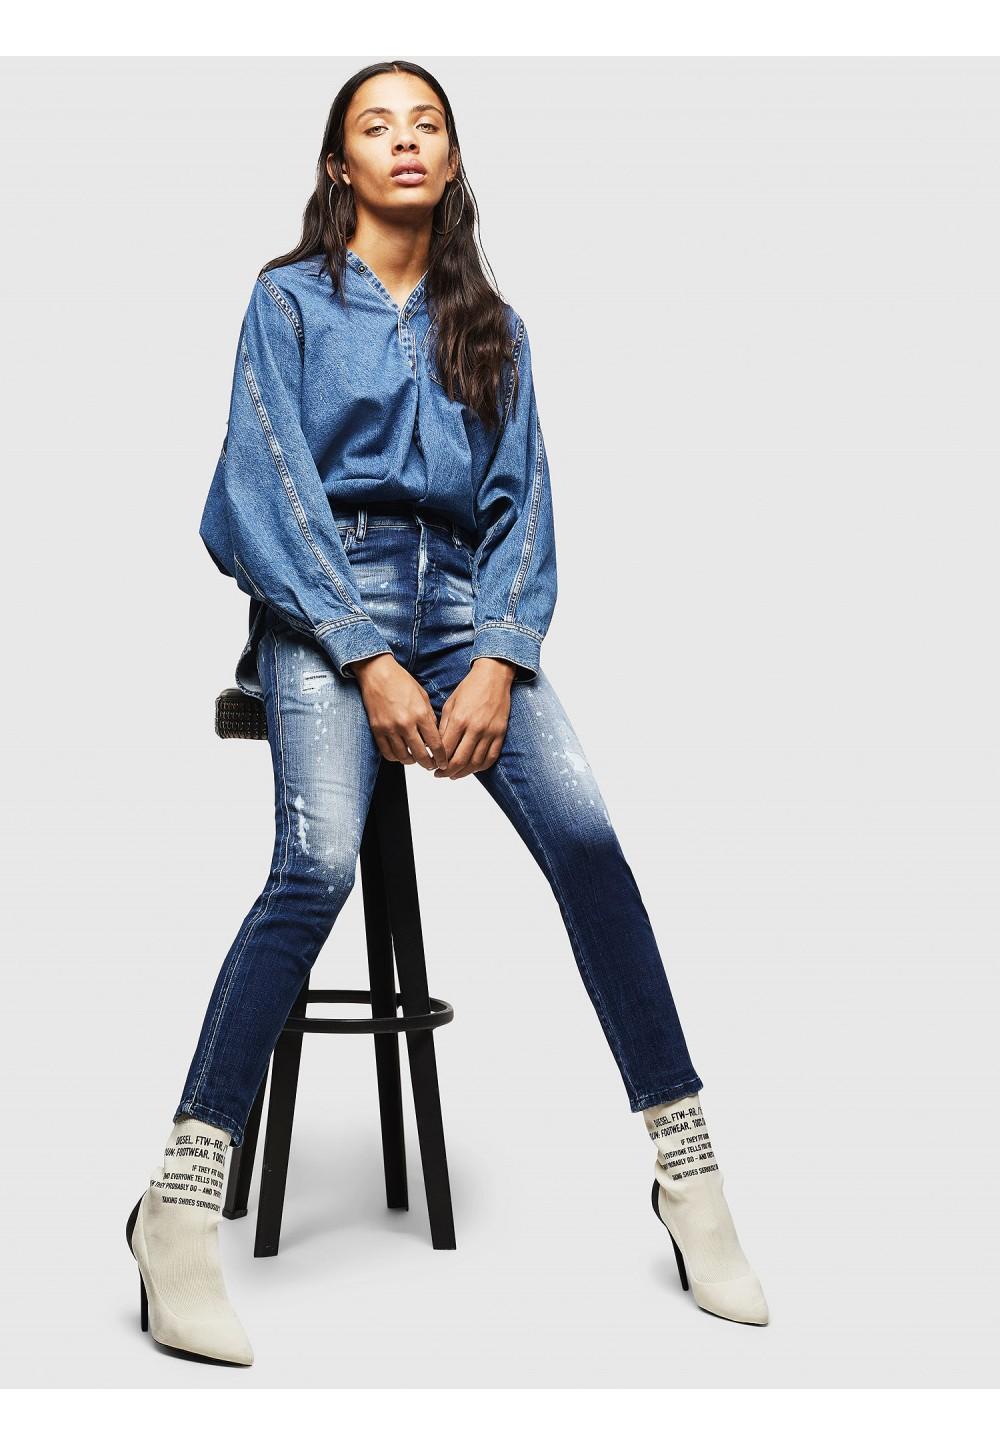 Джинсы Slim модель Babhila